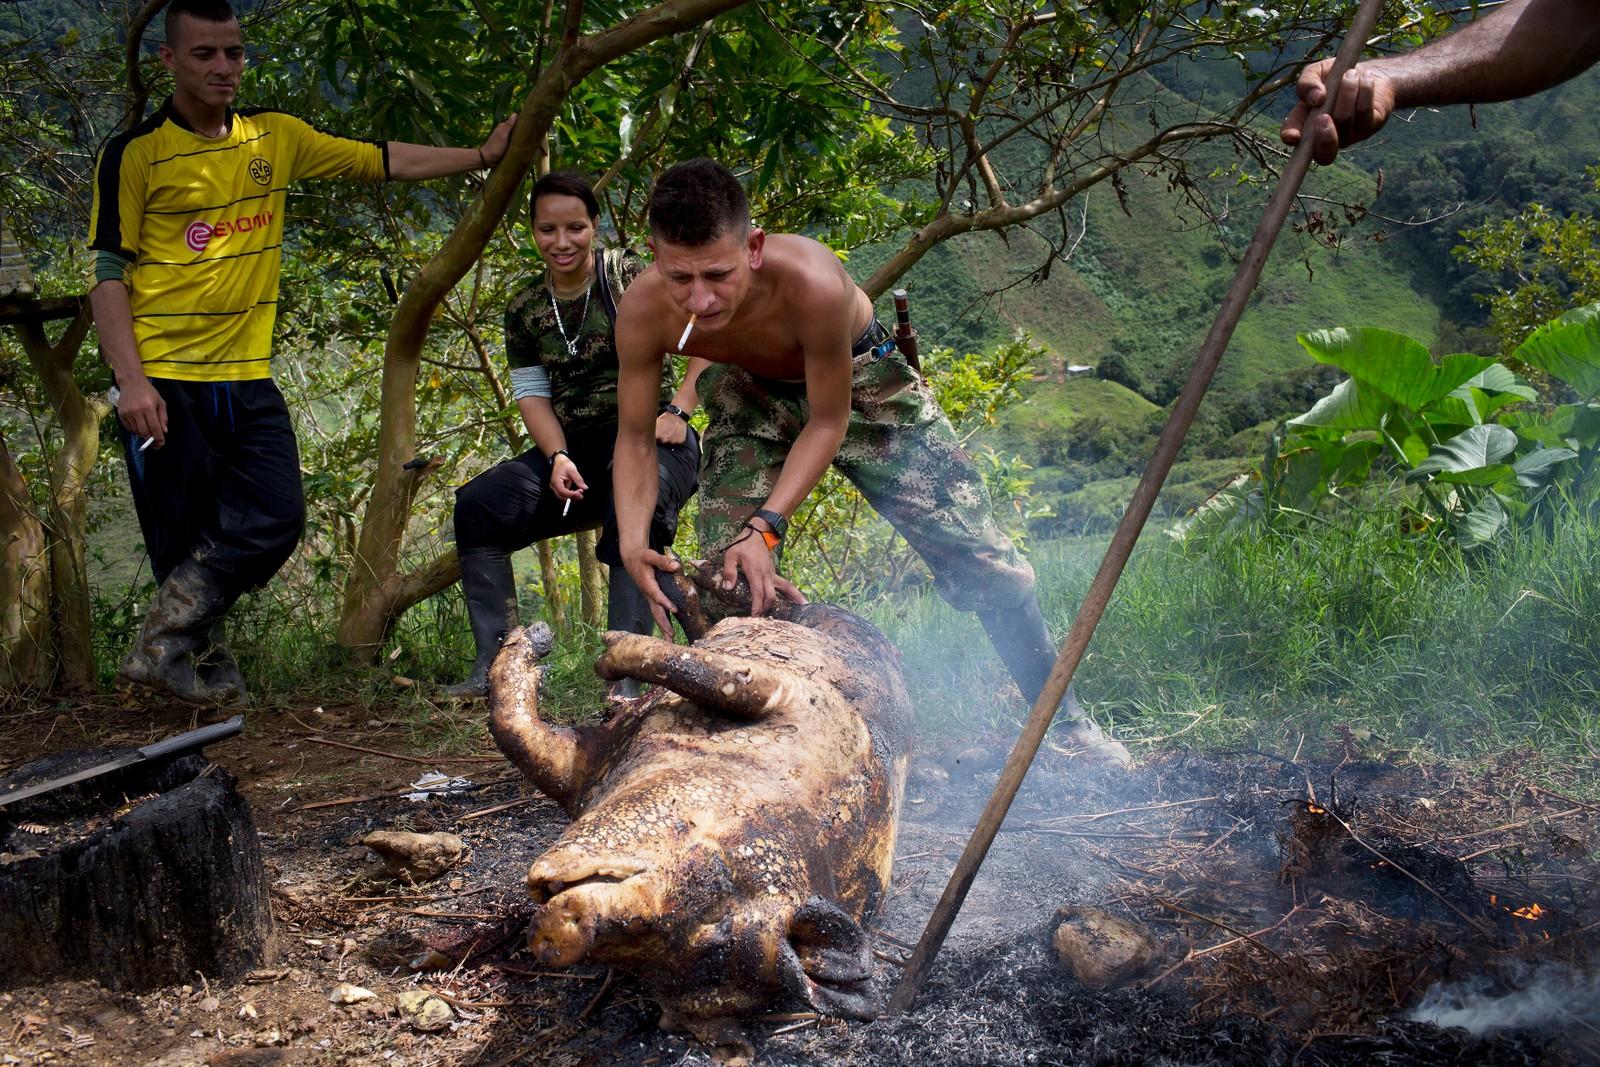 Harrison, et medlem av Farc-geriljaen i Colombia, drar en gris til et bål for å svi av dennes kroppshår. Kjøtt fra dyret skal kunne mette de 26 medlemmene i denne gruppen i flere dager.